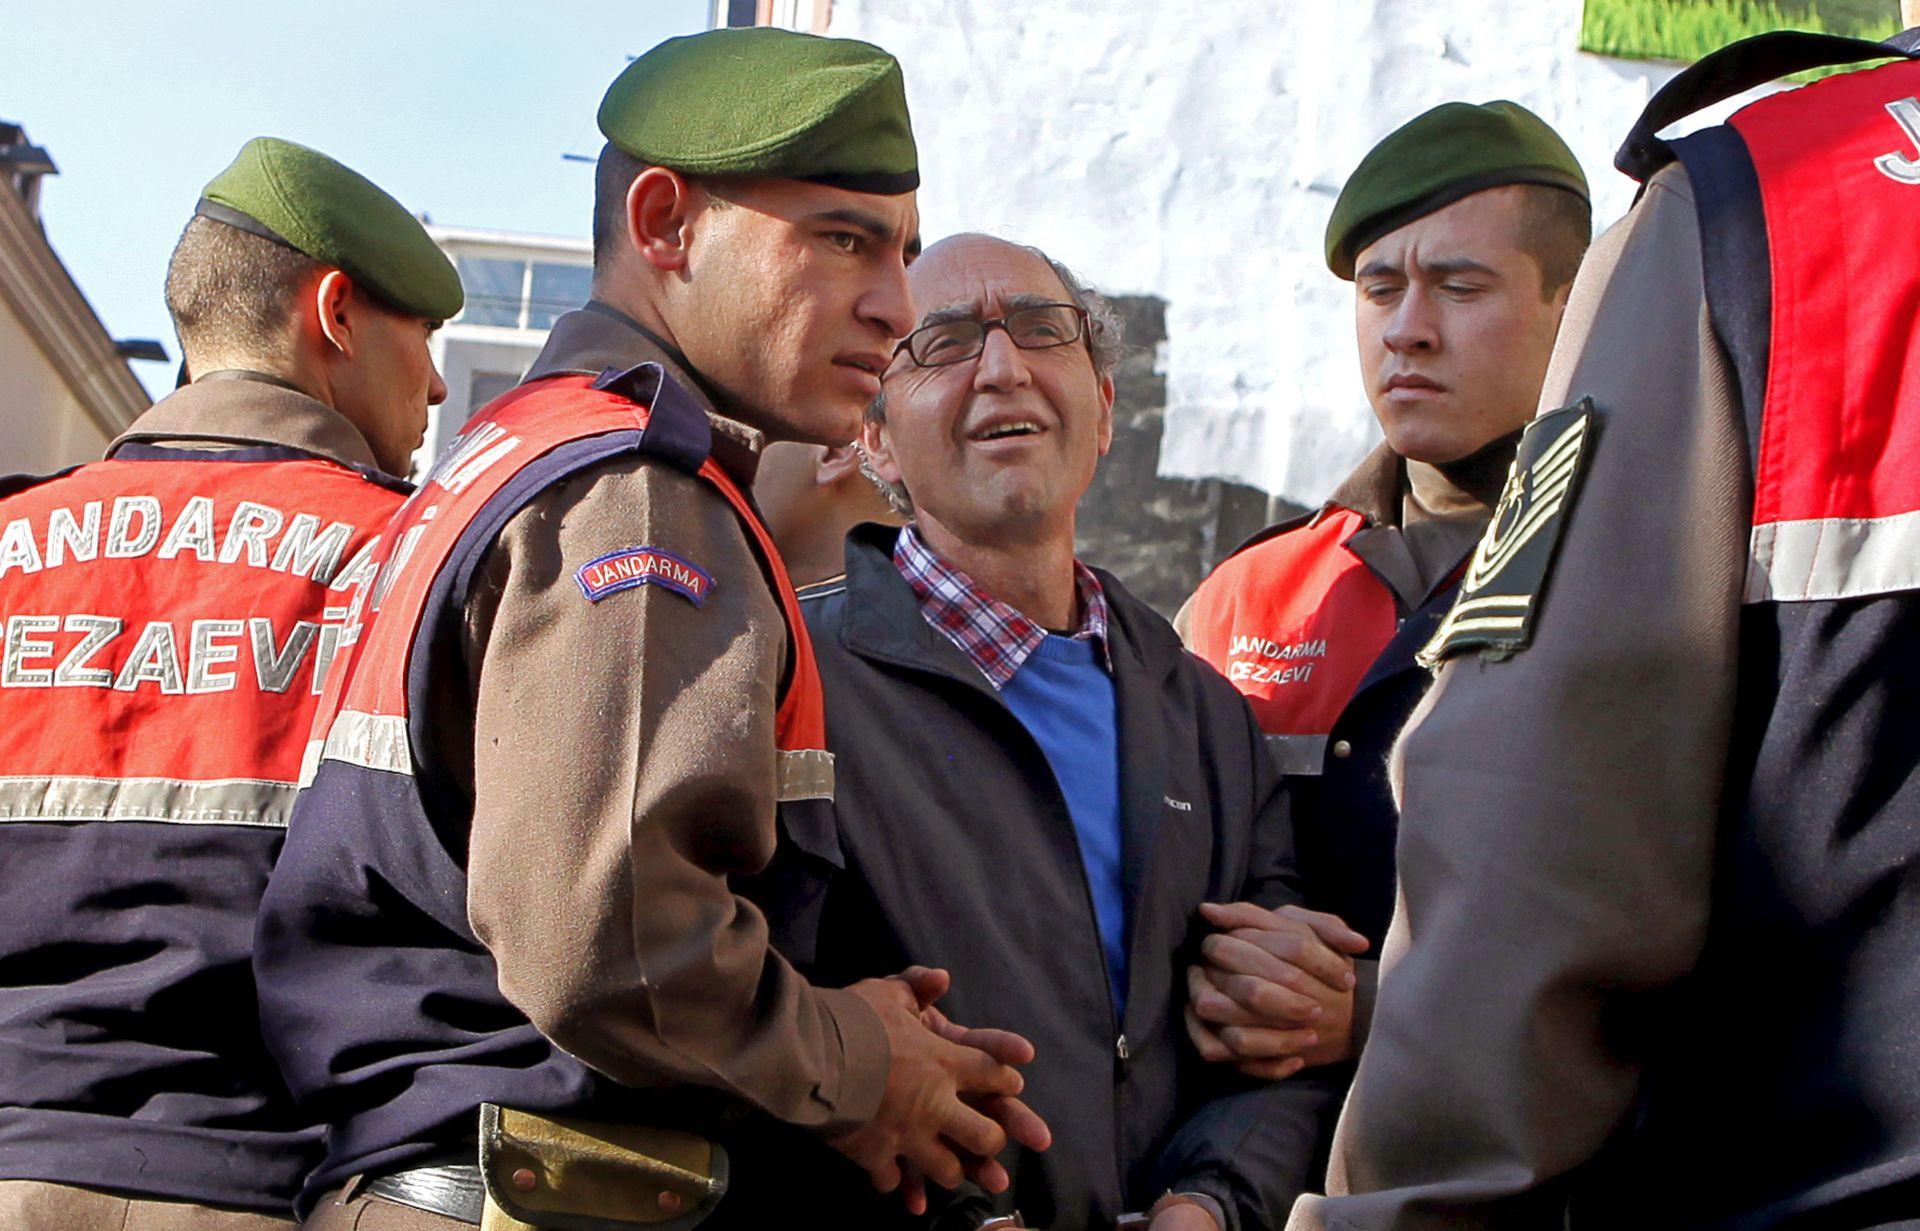 ČEKA SE ERDOGANOVA REAKCIJA Španjolske vlasti oslobodile Dogana Akhanlija